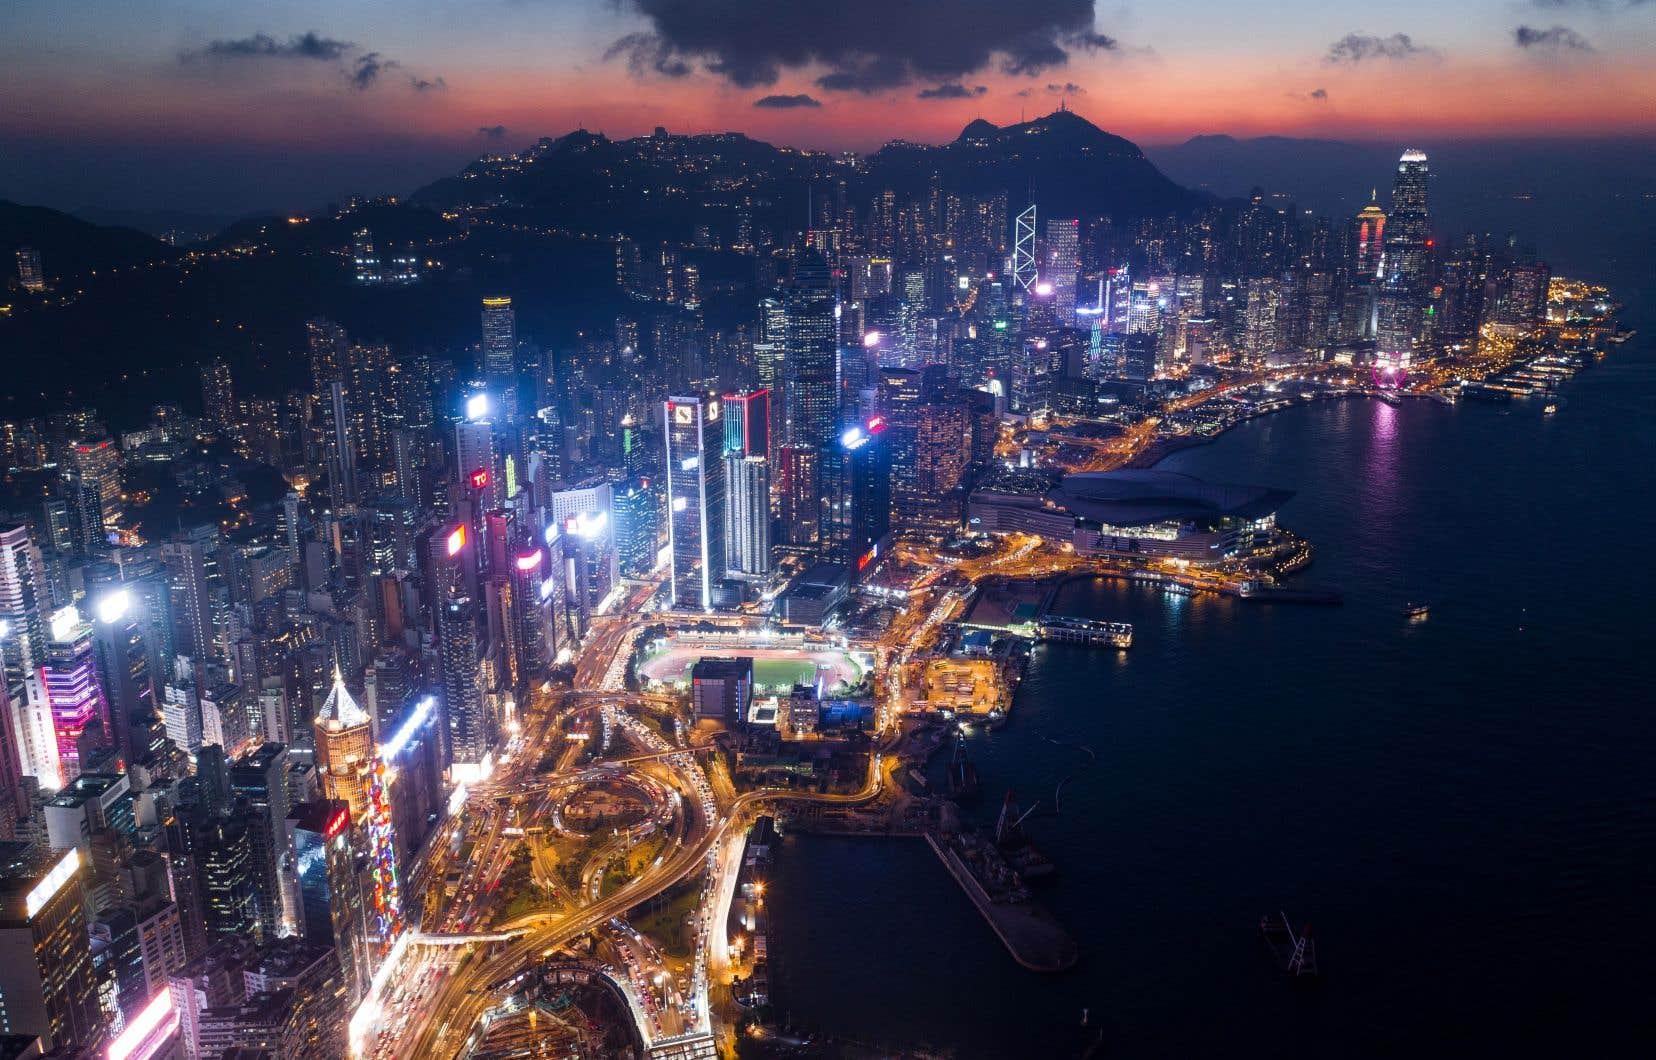 La région de l'Asie-Pacifique, dont Hong Kong fait partie, a reçu 343 millions de touristes en 2018, une hausse de 6%.